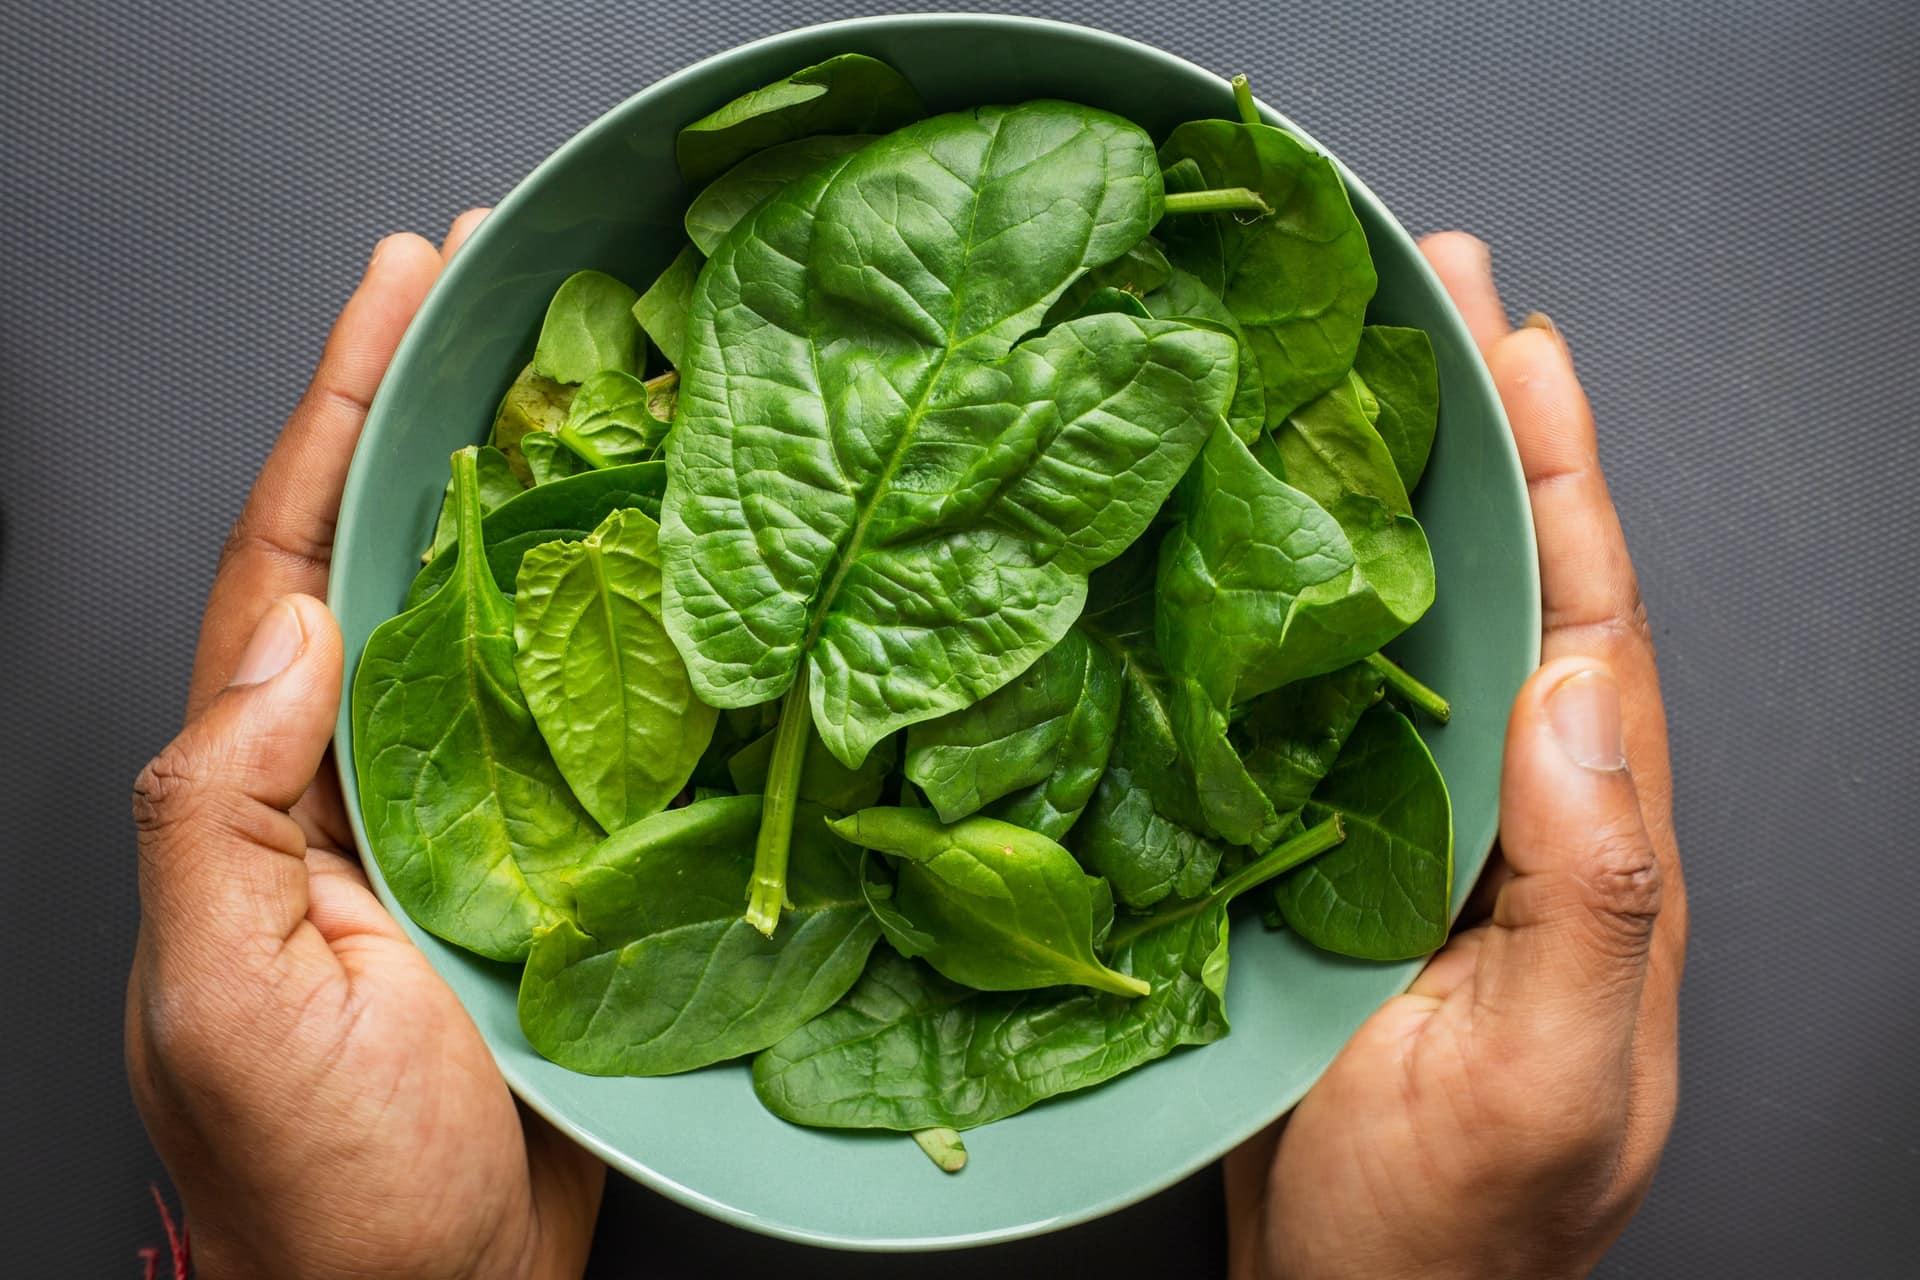 Não se esqueça do espinafre para um jantar vegano leve e de qualidade. (Fonte: Unsplash)